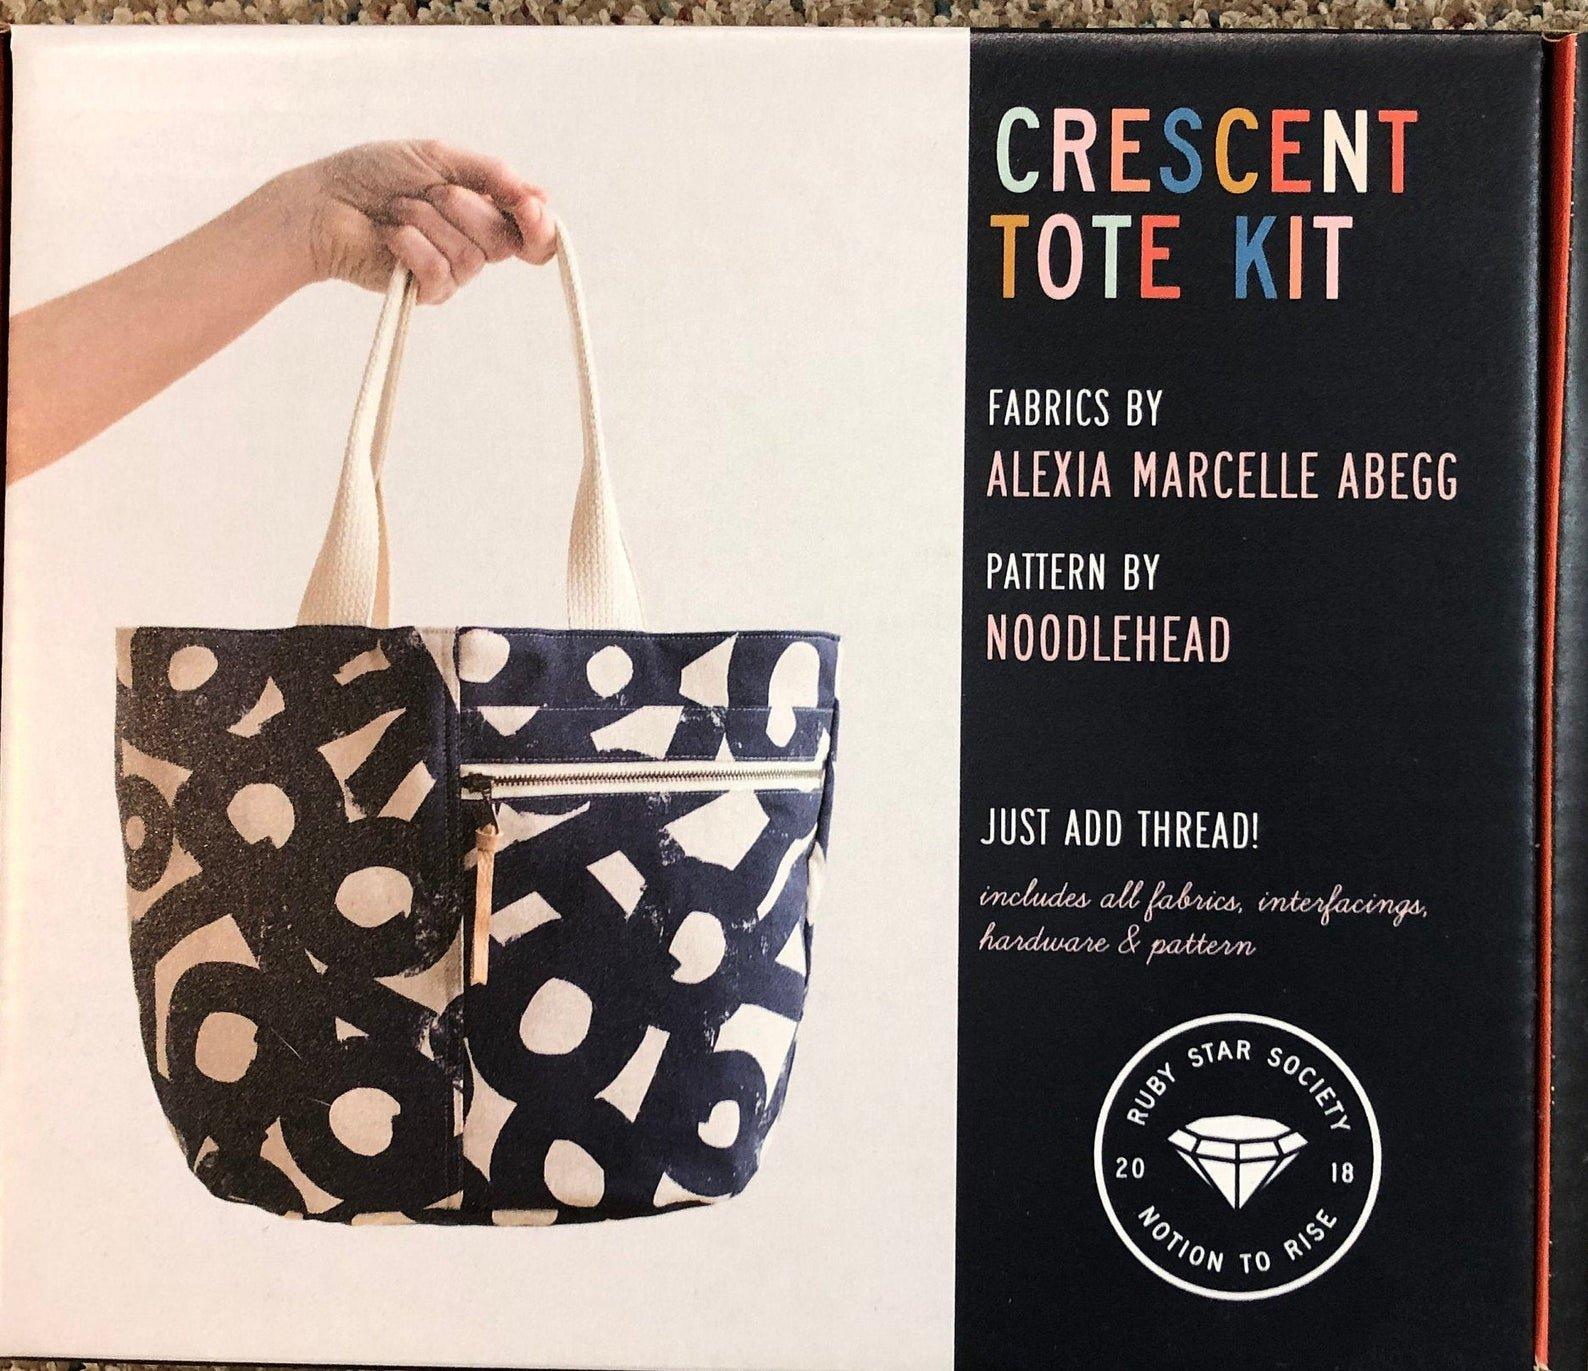 Crescent Tote Kit (Cotton Linen Canvas) (Alexia Marcelle Abegg and Noodlehead)